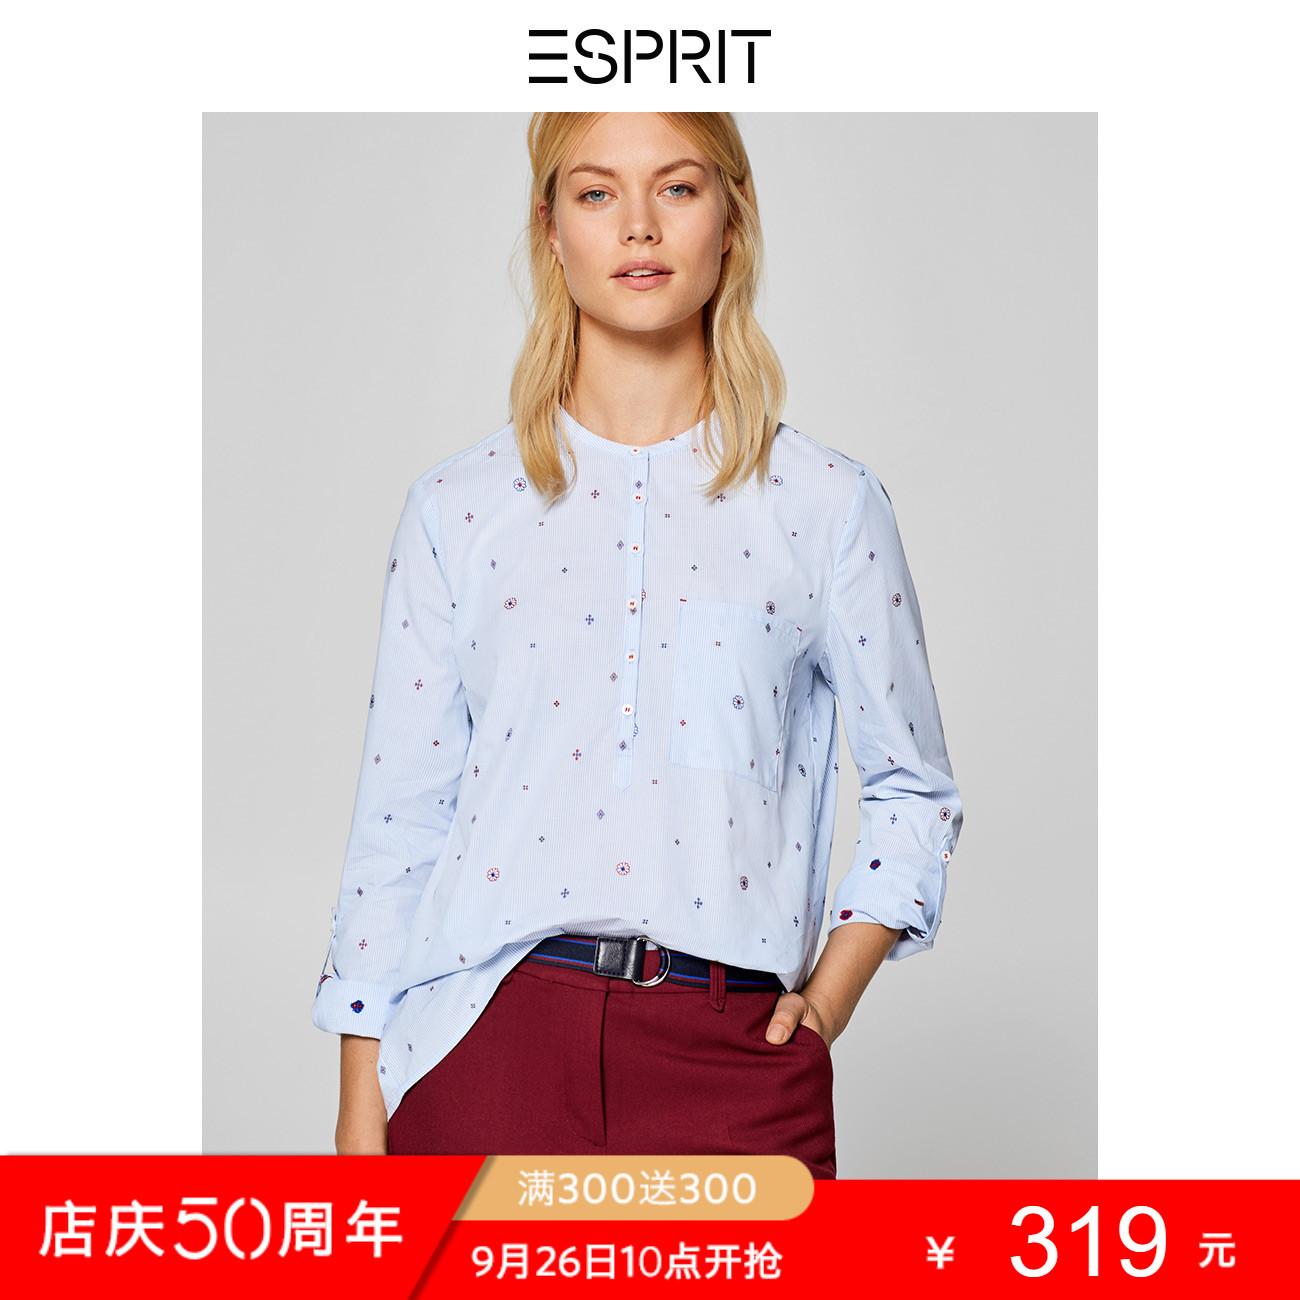 ESPRIT 女装秋季新款时尚刺绣印花宽松条纹上衣衬衫女-098EE1F049